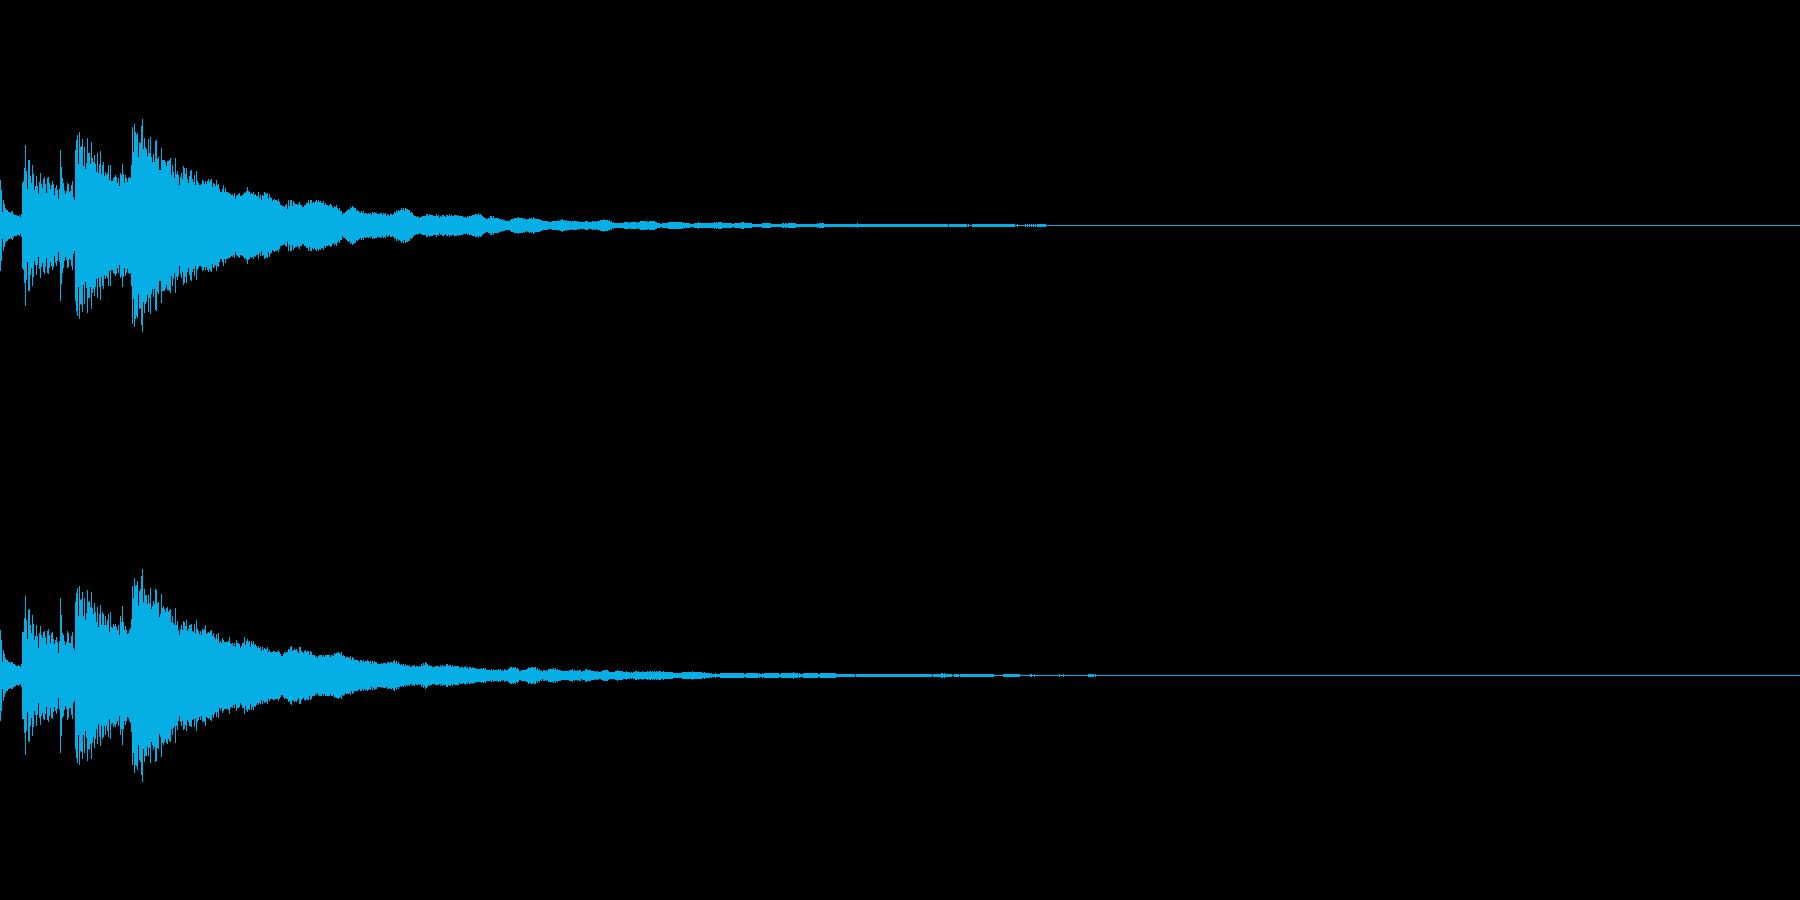 キラン(通知・決定音)の再生済みの波形